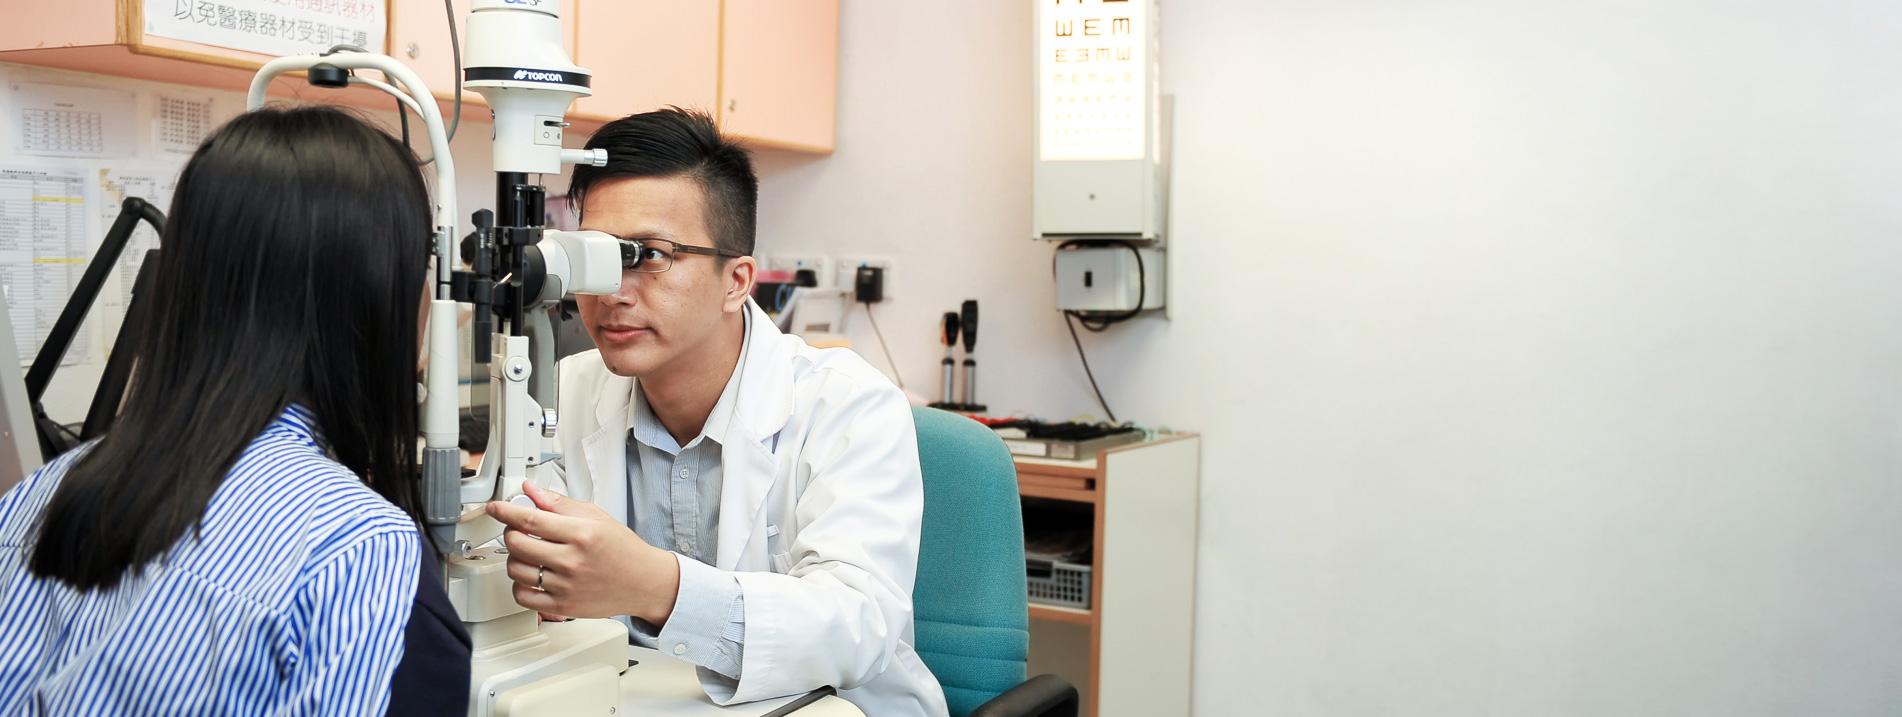 視光師為病人檢查視力